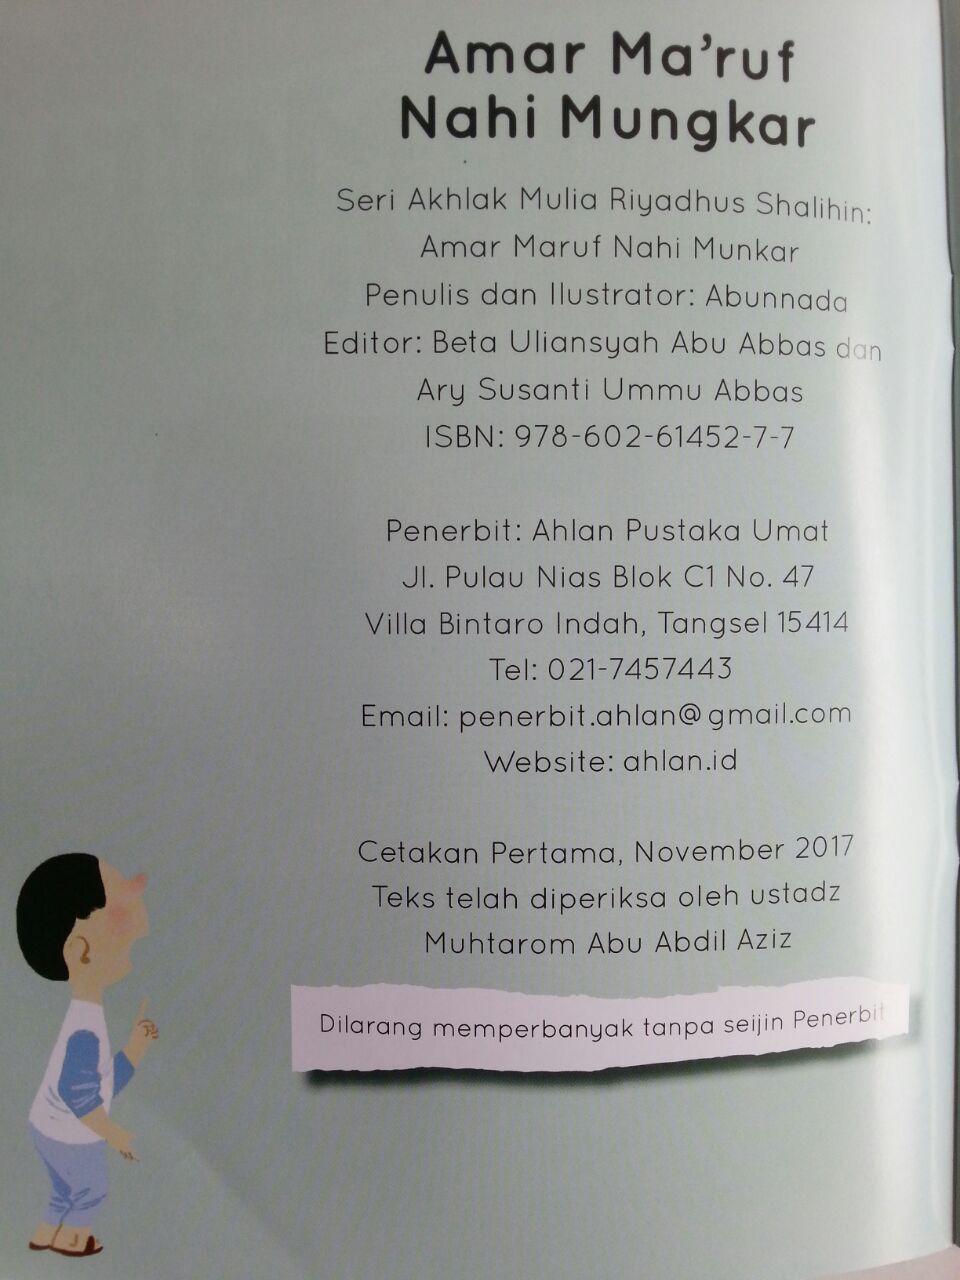 Buku Anak Seri Riyadhus Shalihin For Kids Amar Maruf Nahi Munkar isi